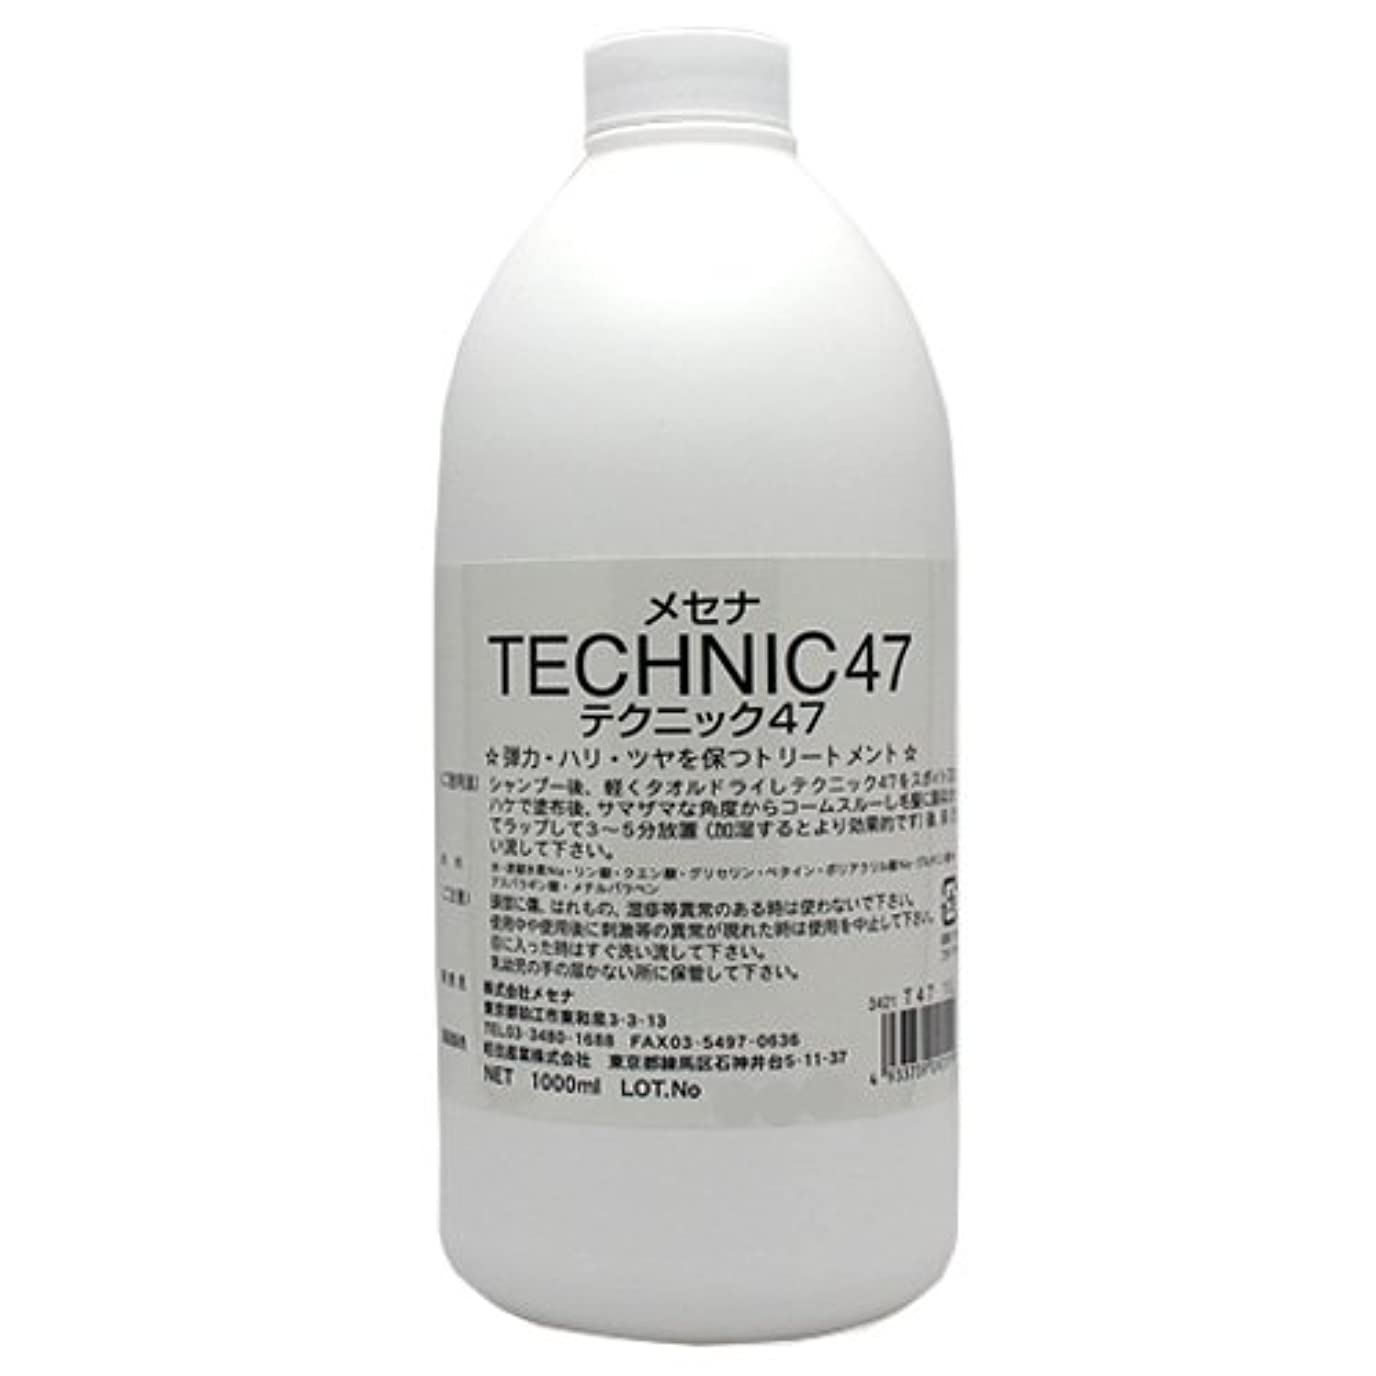 思い出クアッガ提供するメセナ テクニック47 1000ml